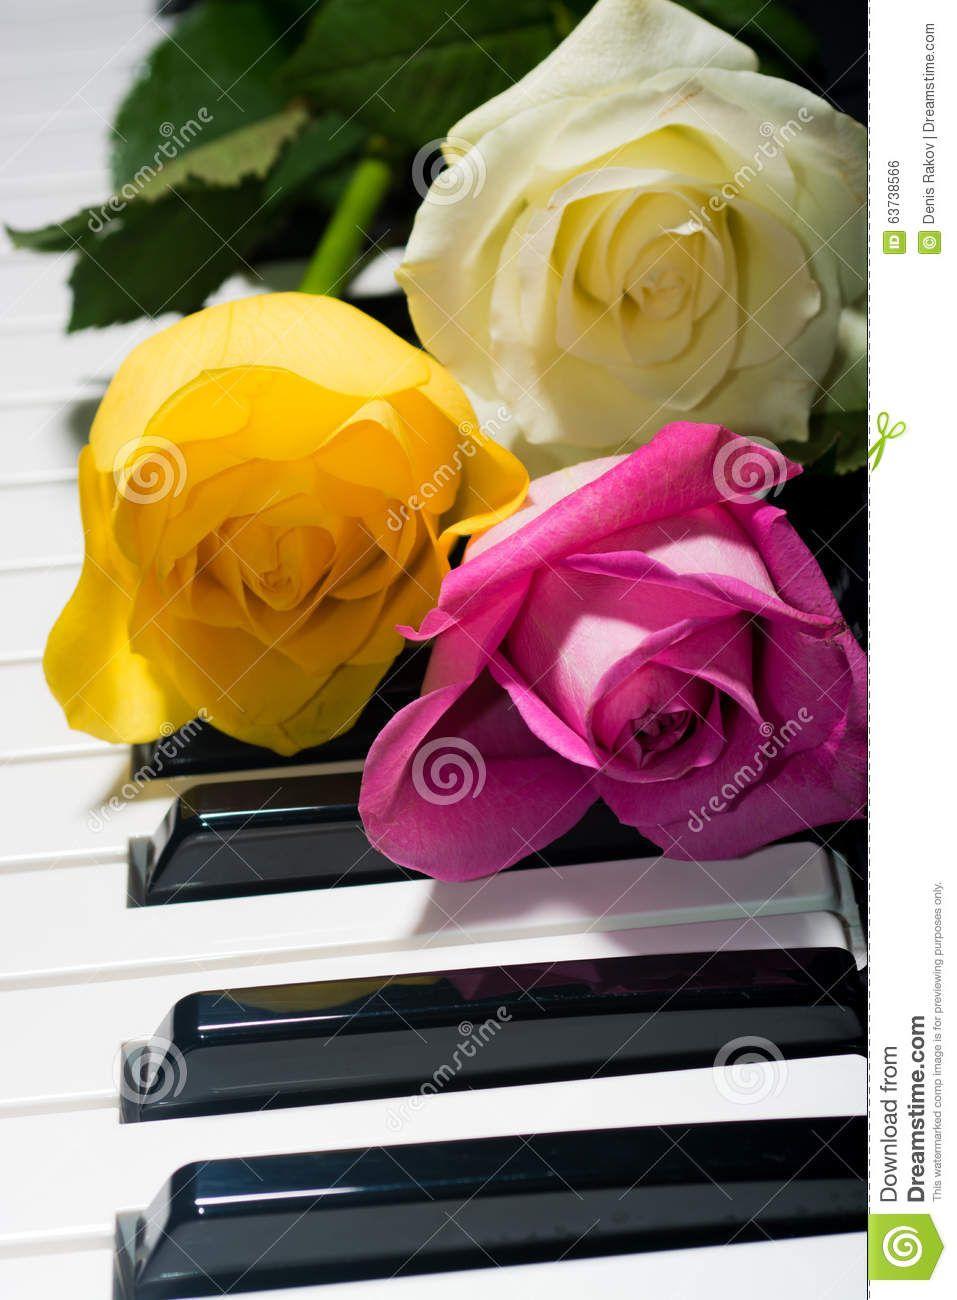 κίτρινος-ρό-ινος-τριαντάφυ-α-τσαγιού-στο-γραπτό-πιάνο-63738566.jpg (957×1300)